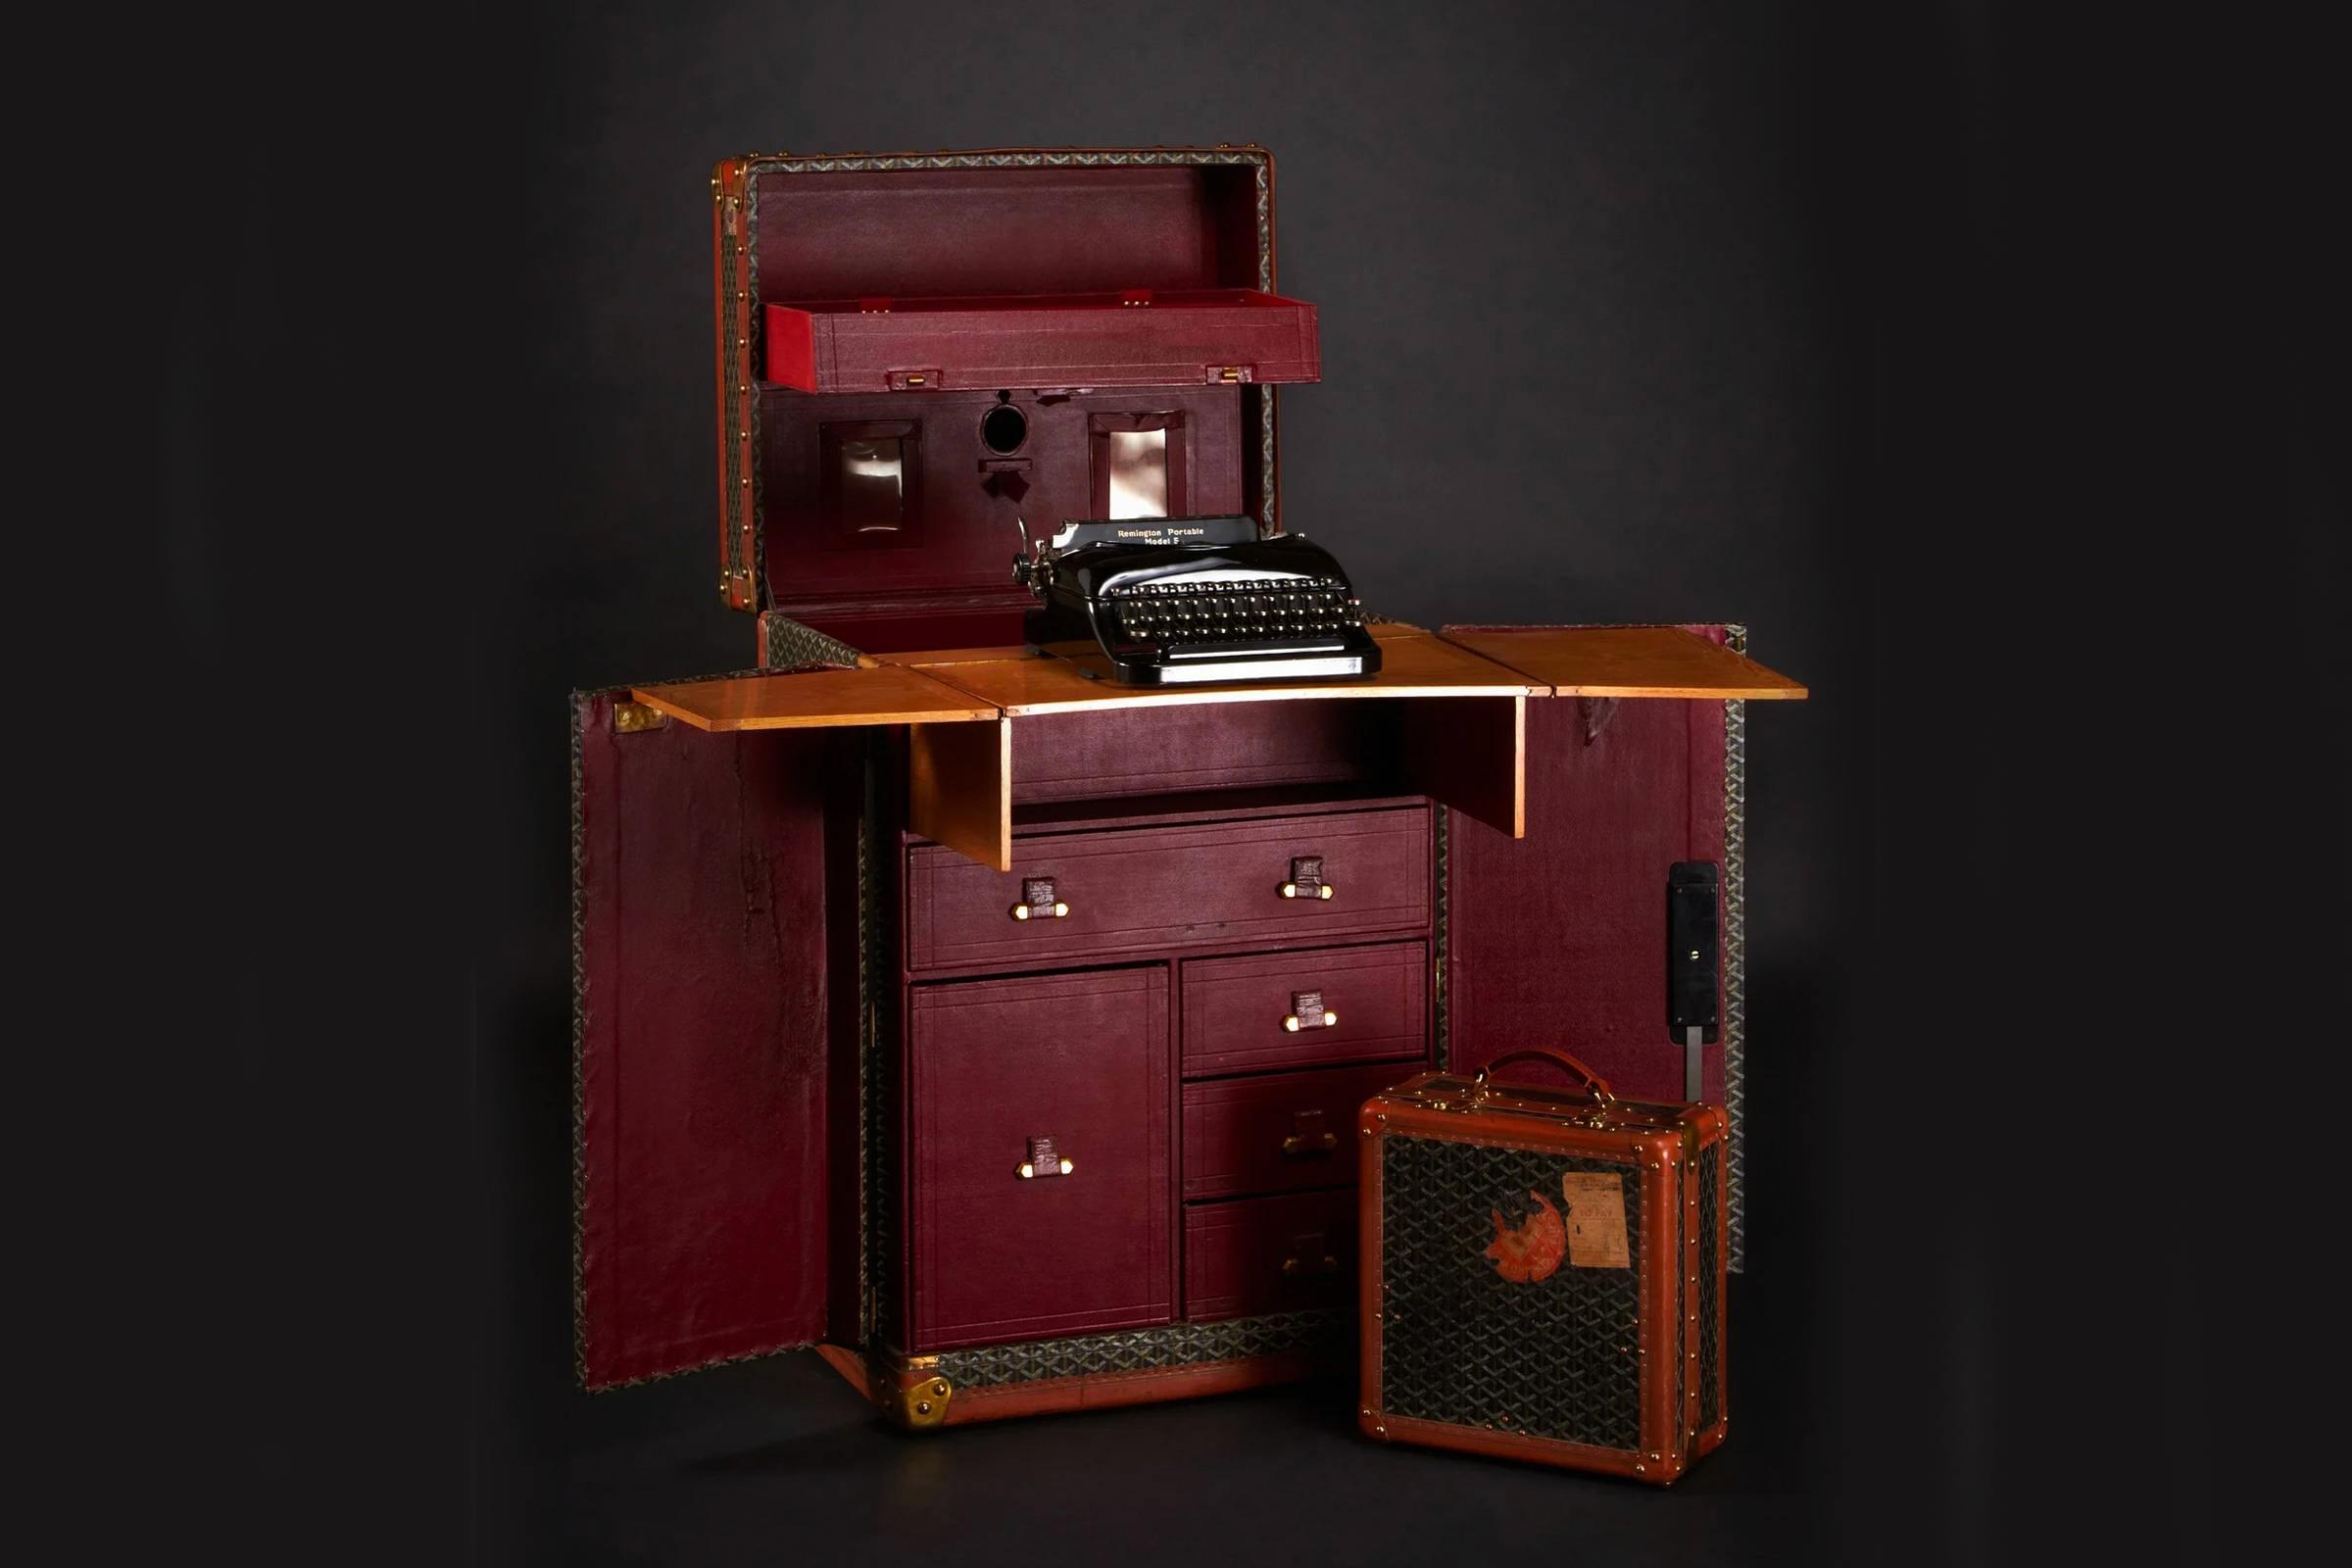 Кастомизированный чемодан сэра Артура Конан Дойла, который раскладывается из обычного дорожного чемодана в полноразмерный стол.